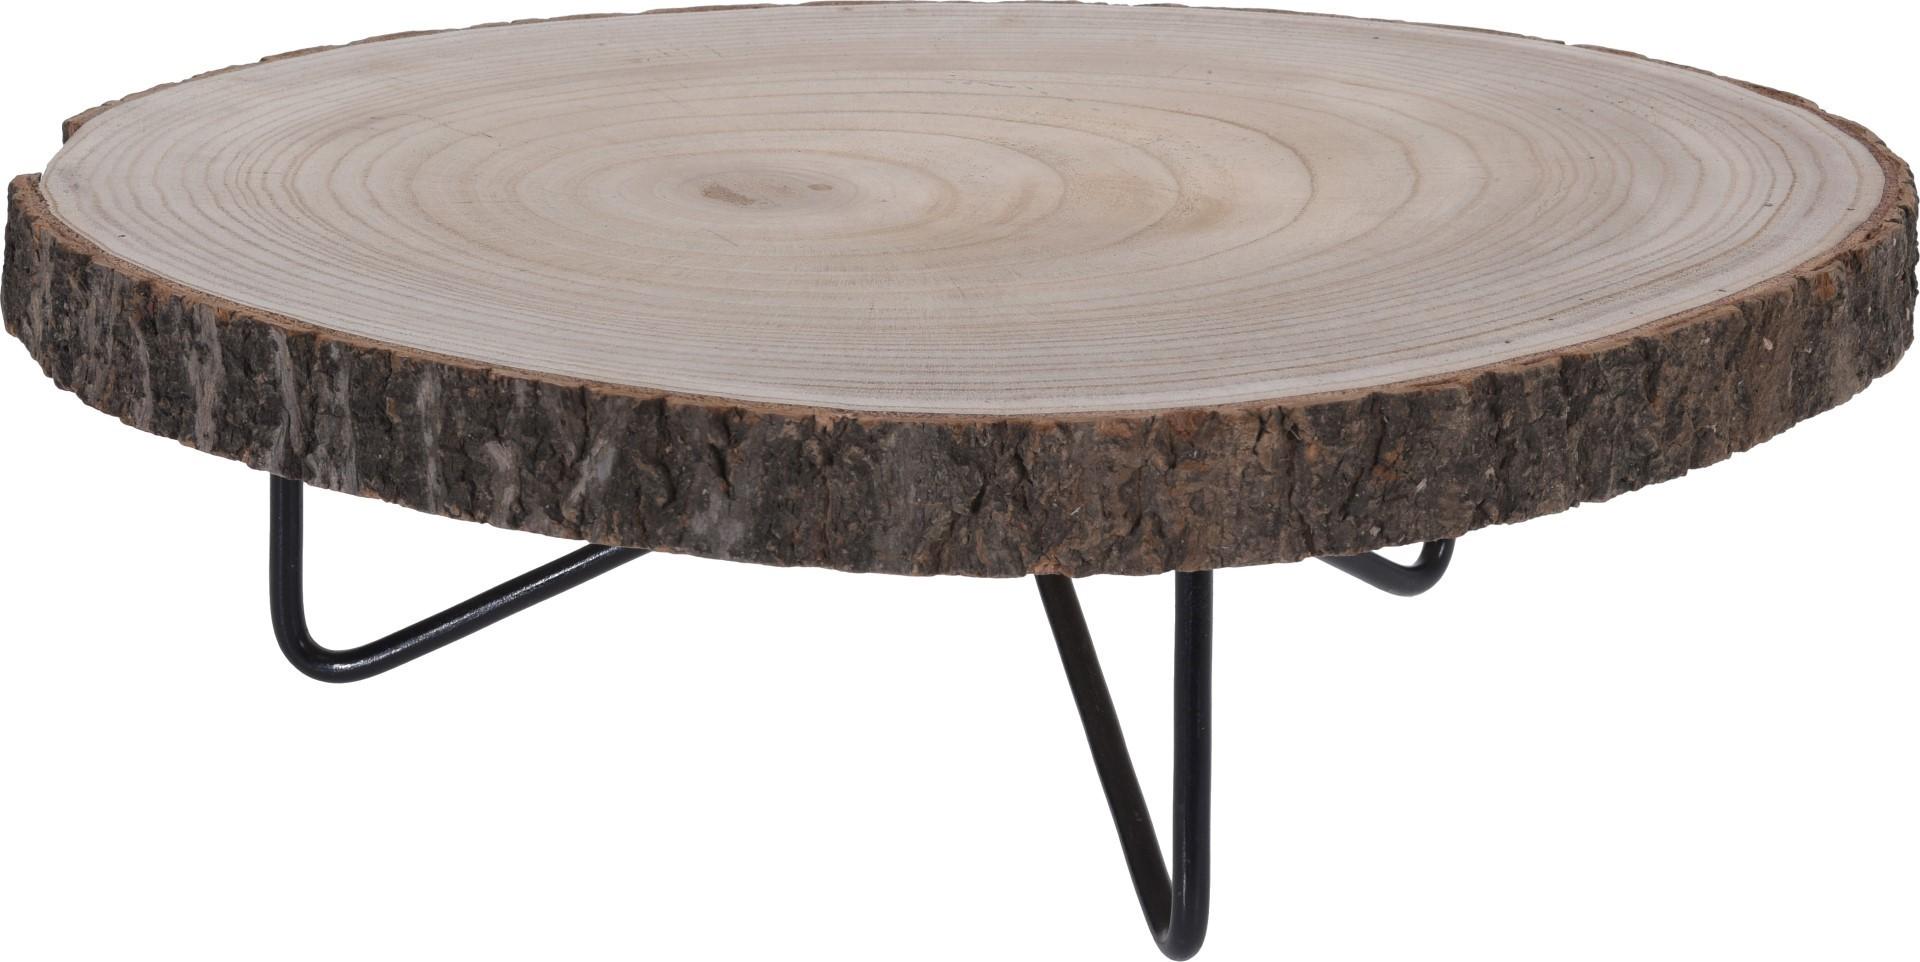 Tafeltje hout rond 40cm